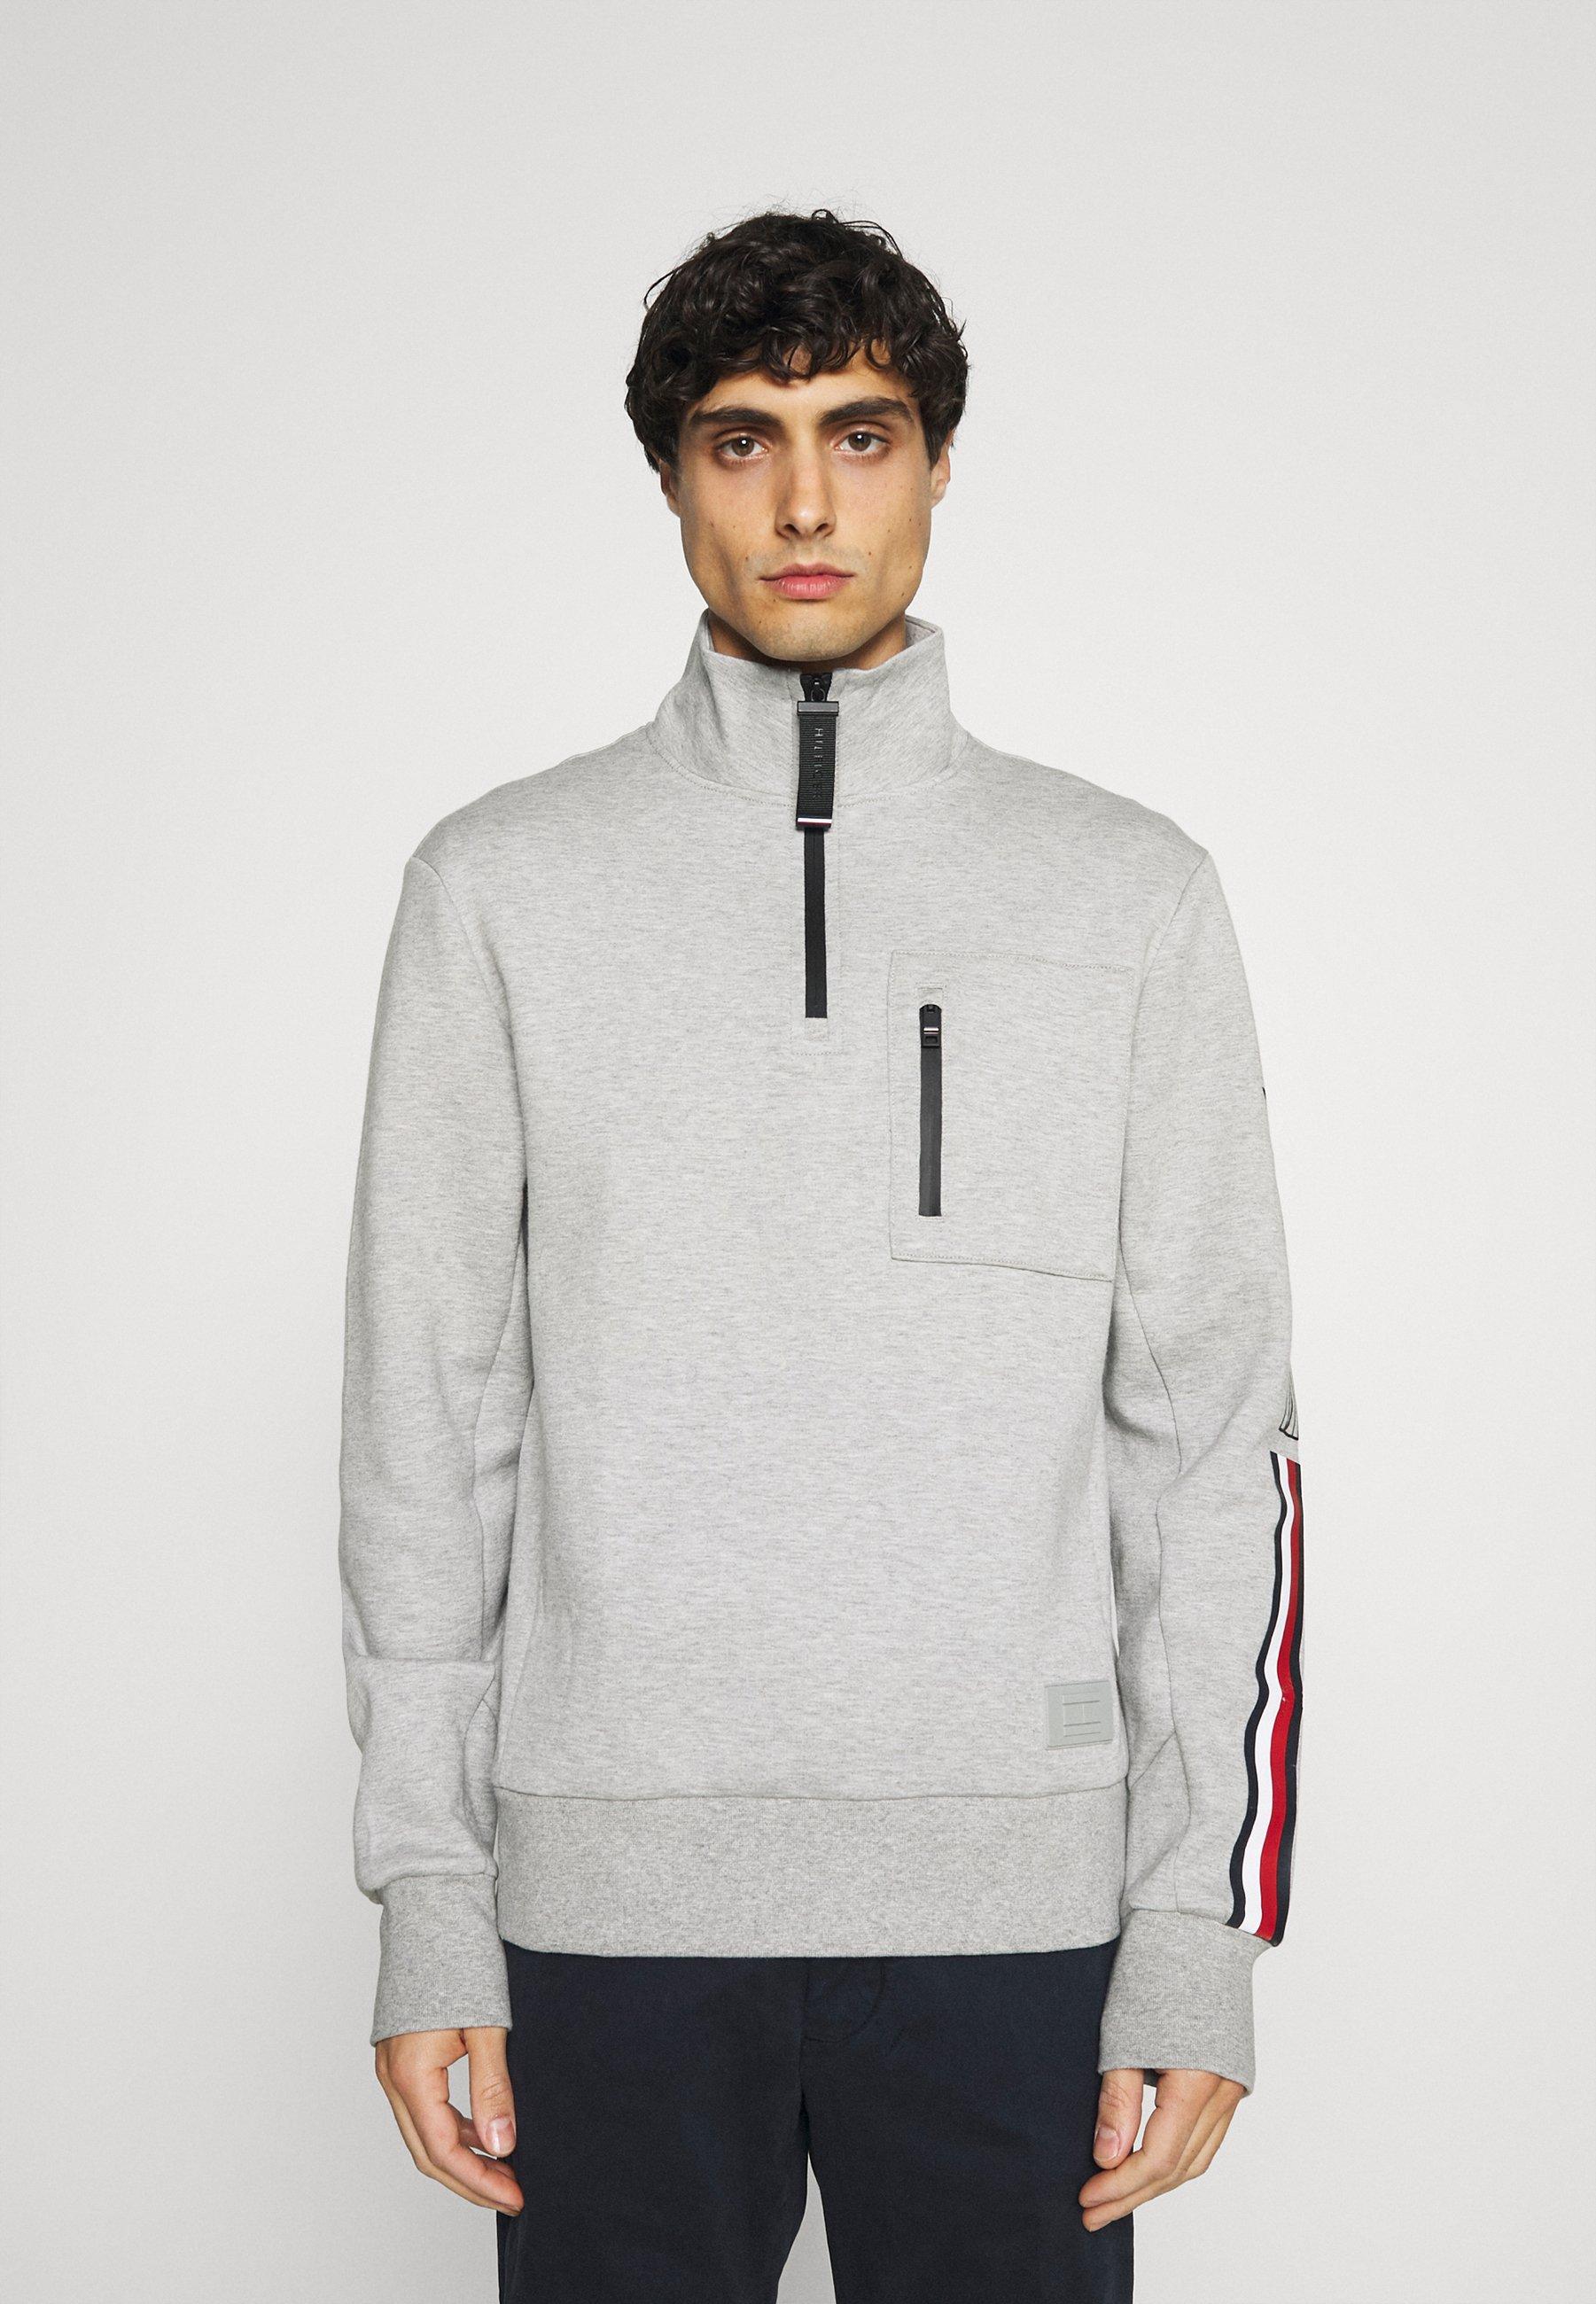 Men SLEEVE LOGO ZIP MOCK NECK - Sweatshirt